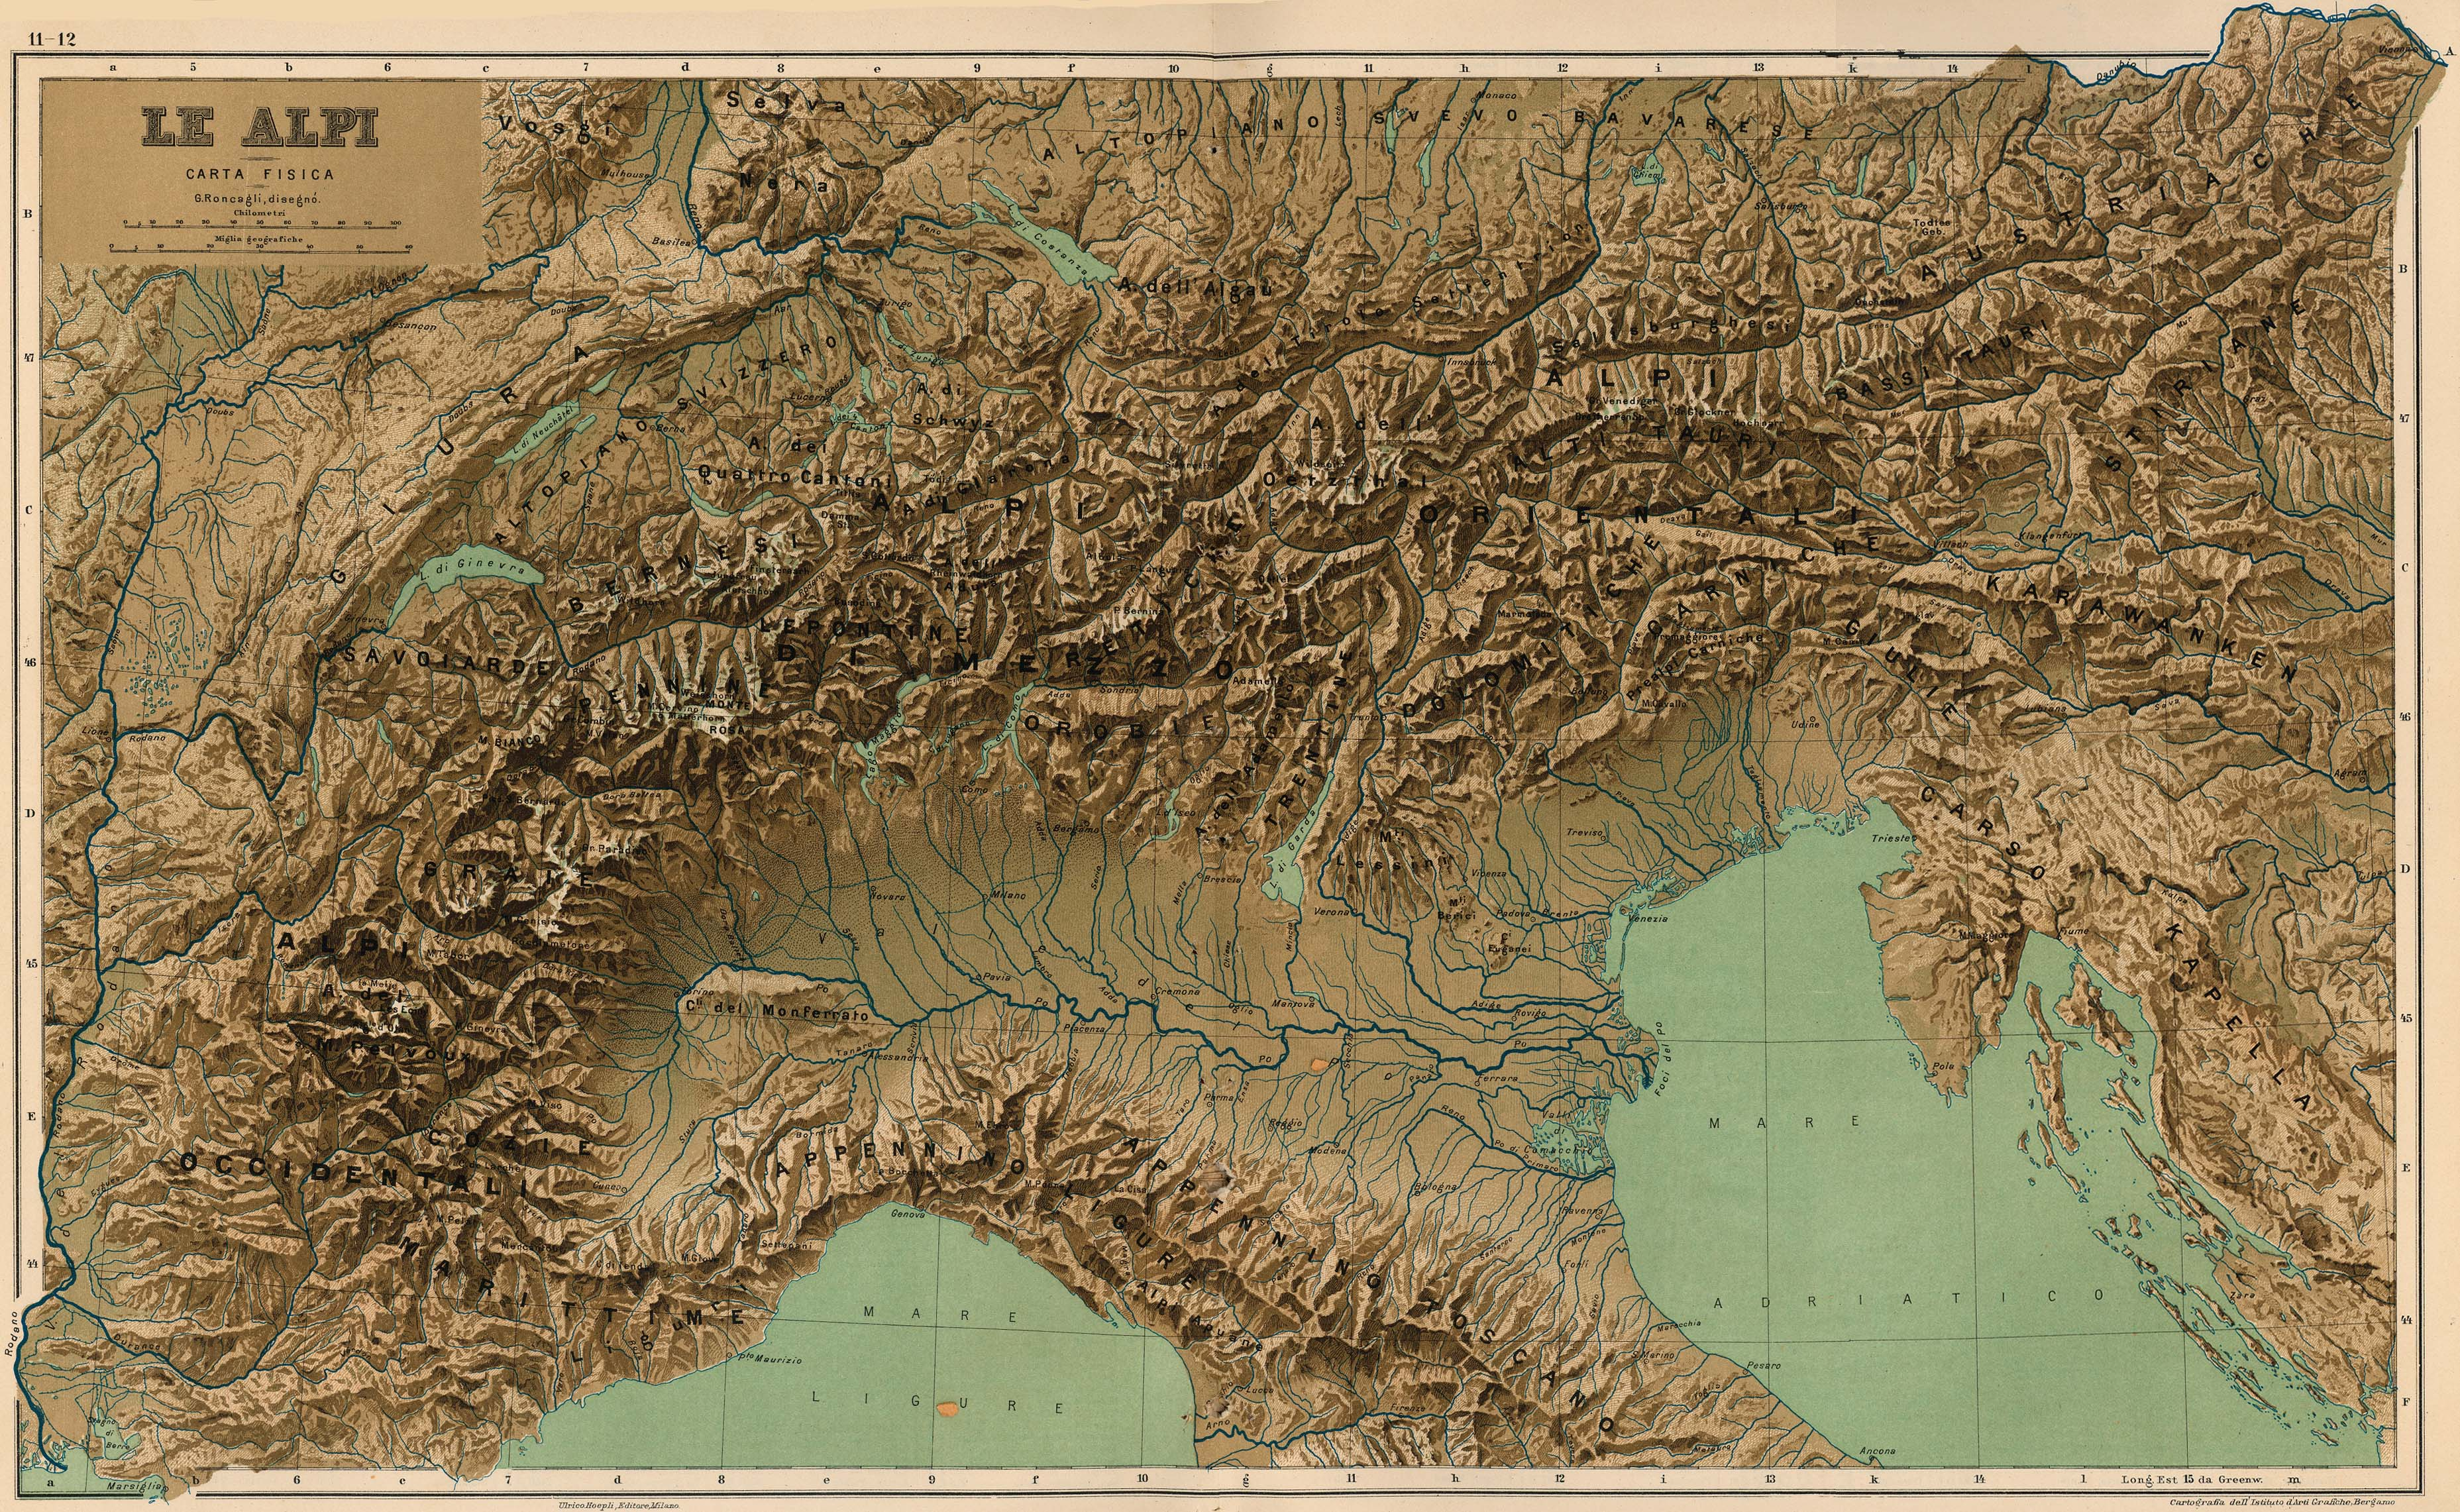 Mapa de Los Alpes